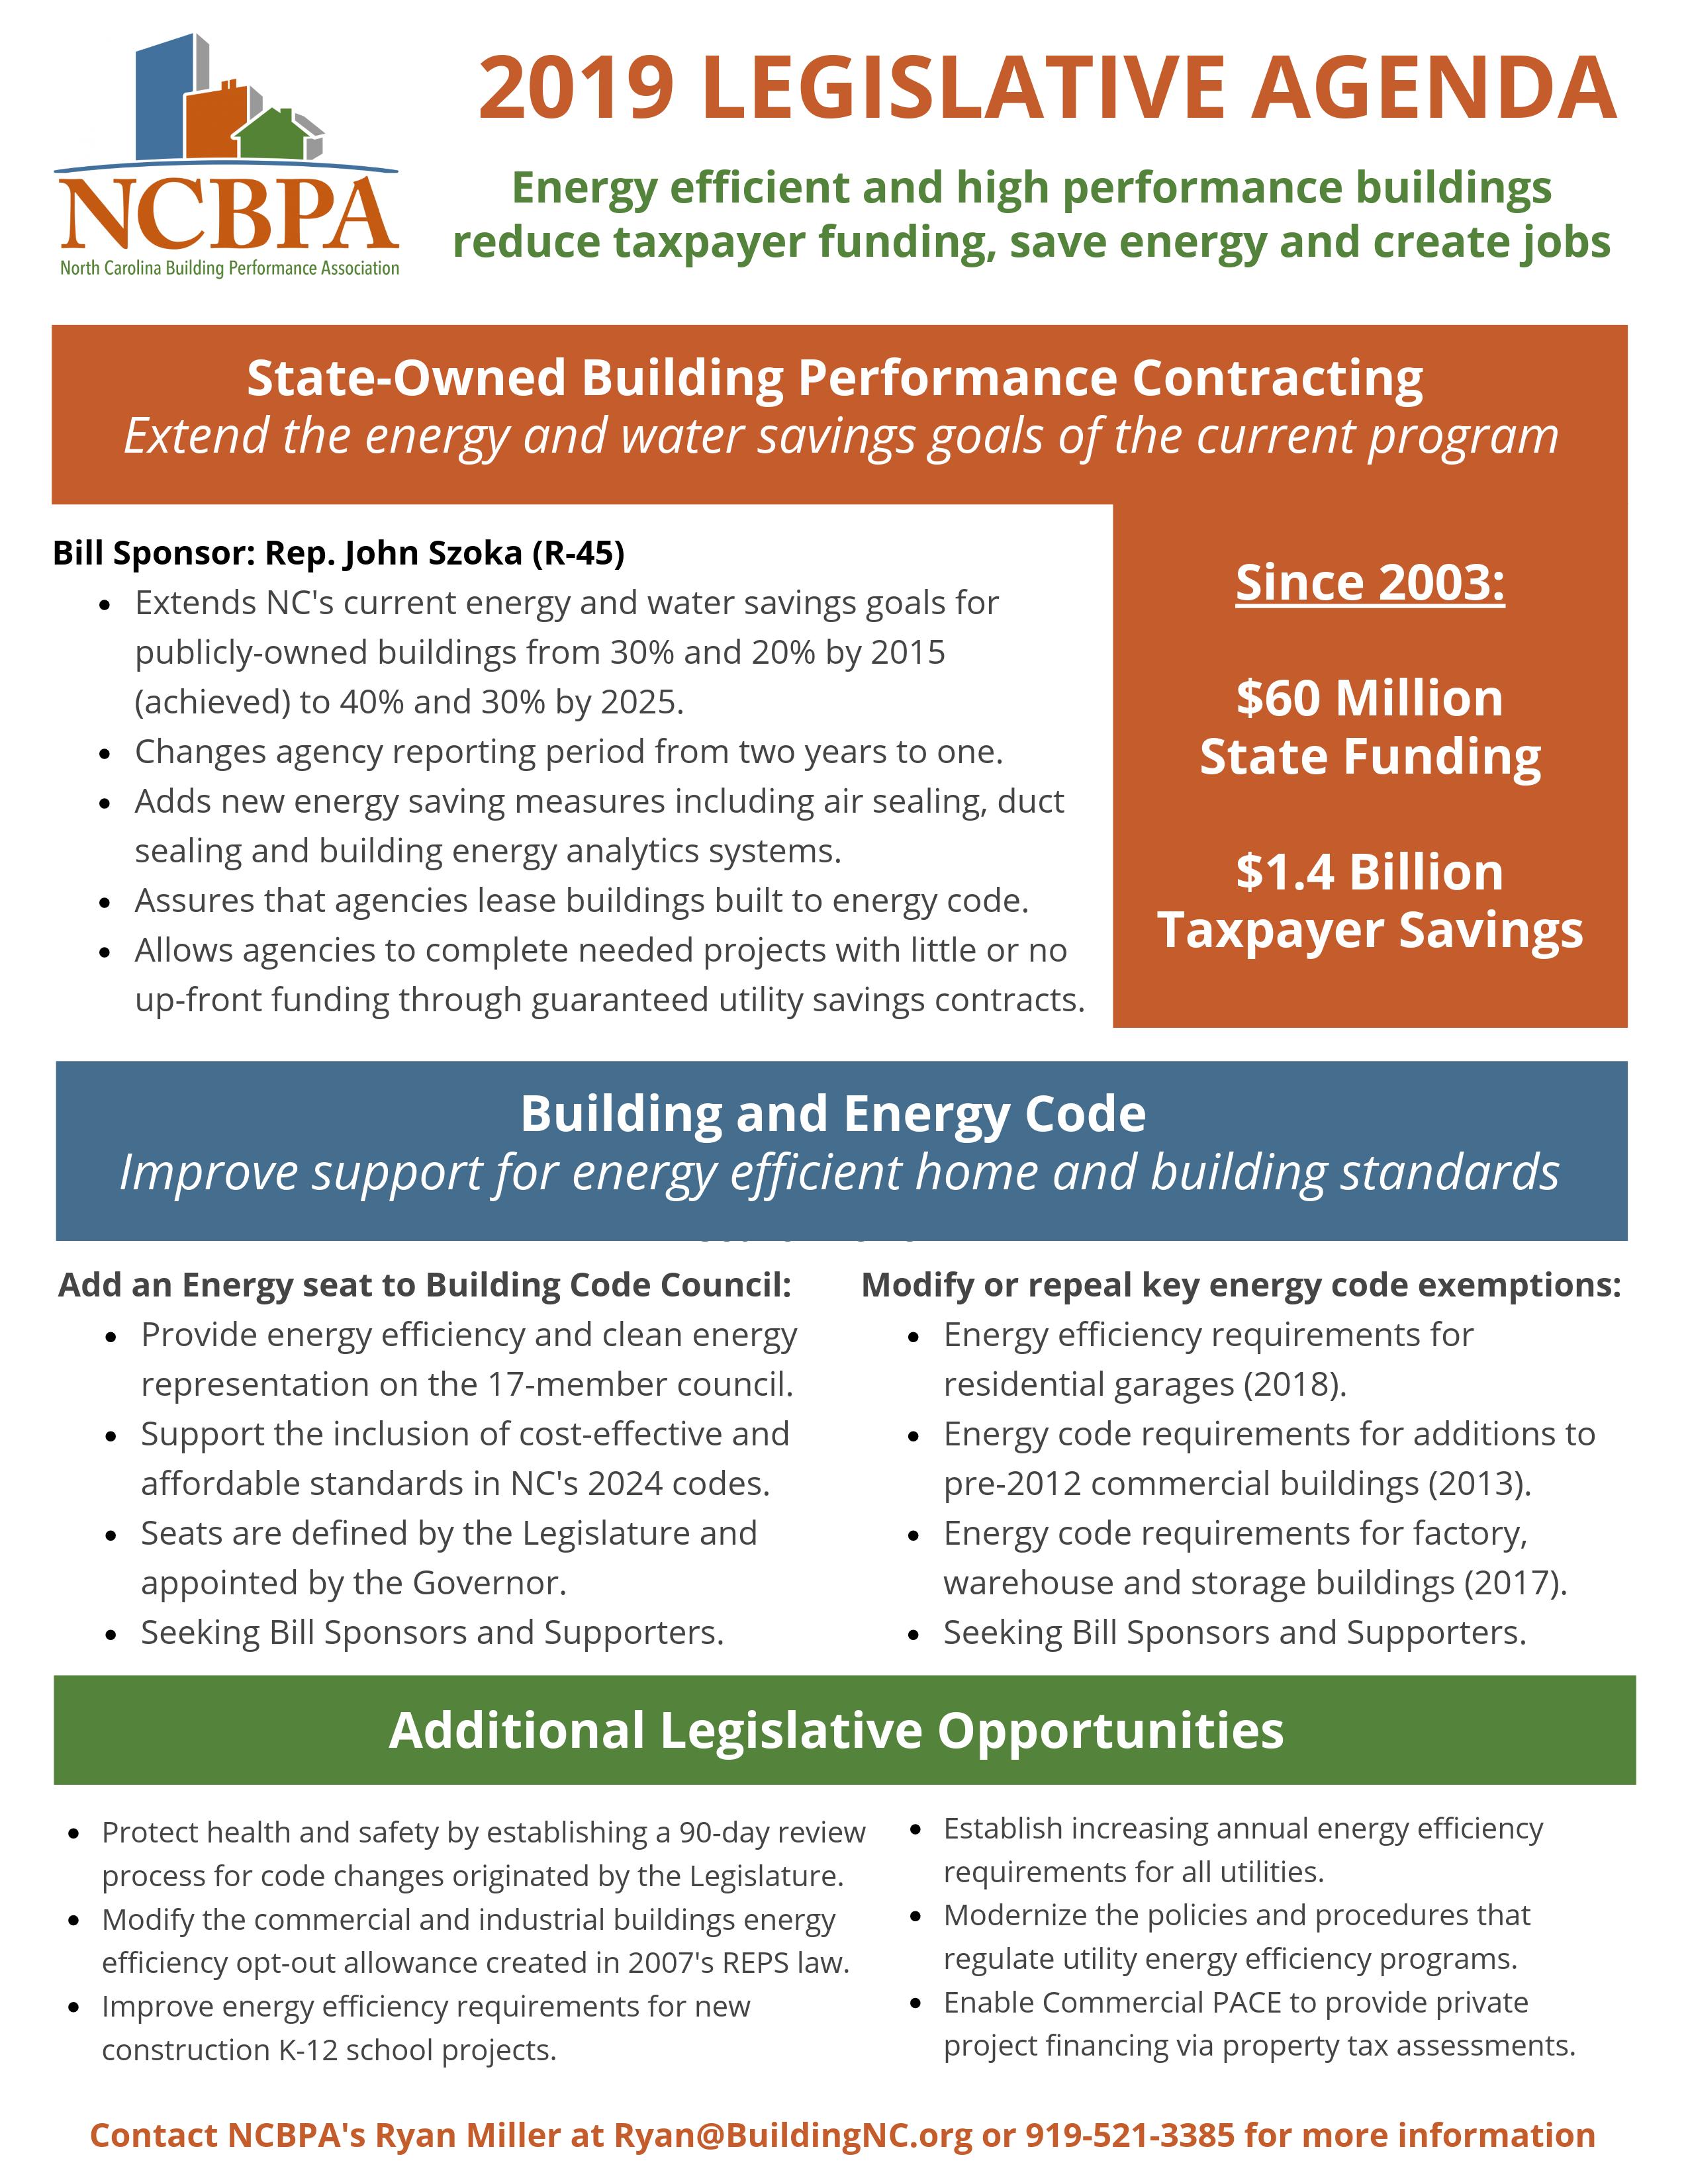 Policy & Legislation – NCBPA